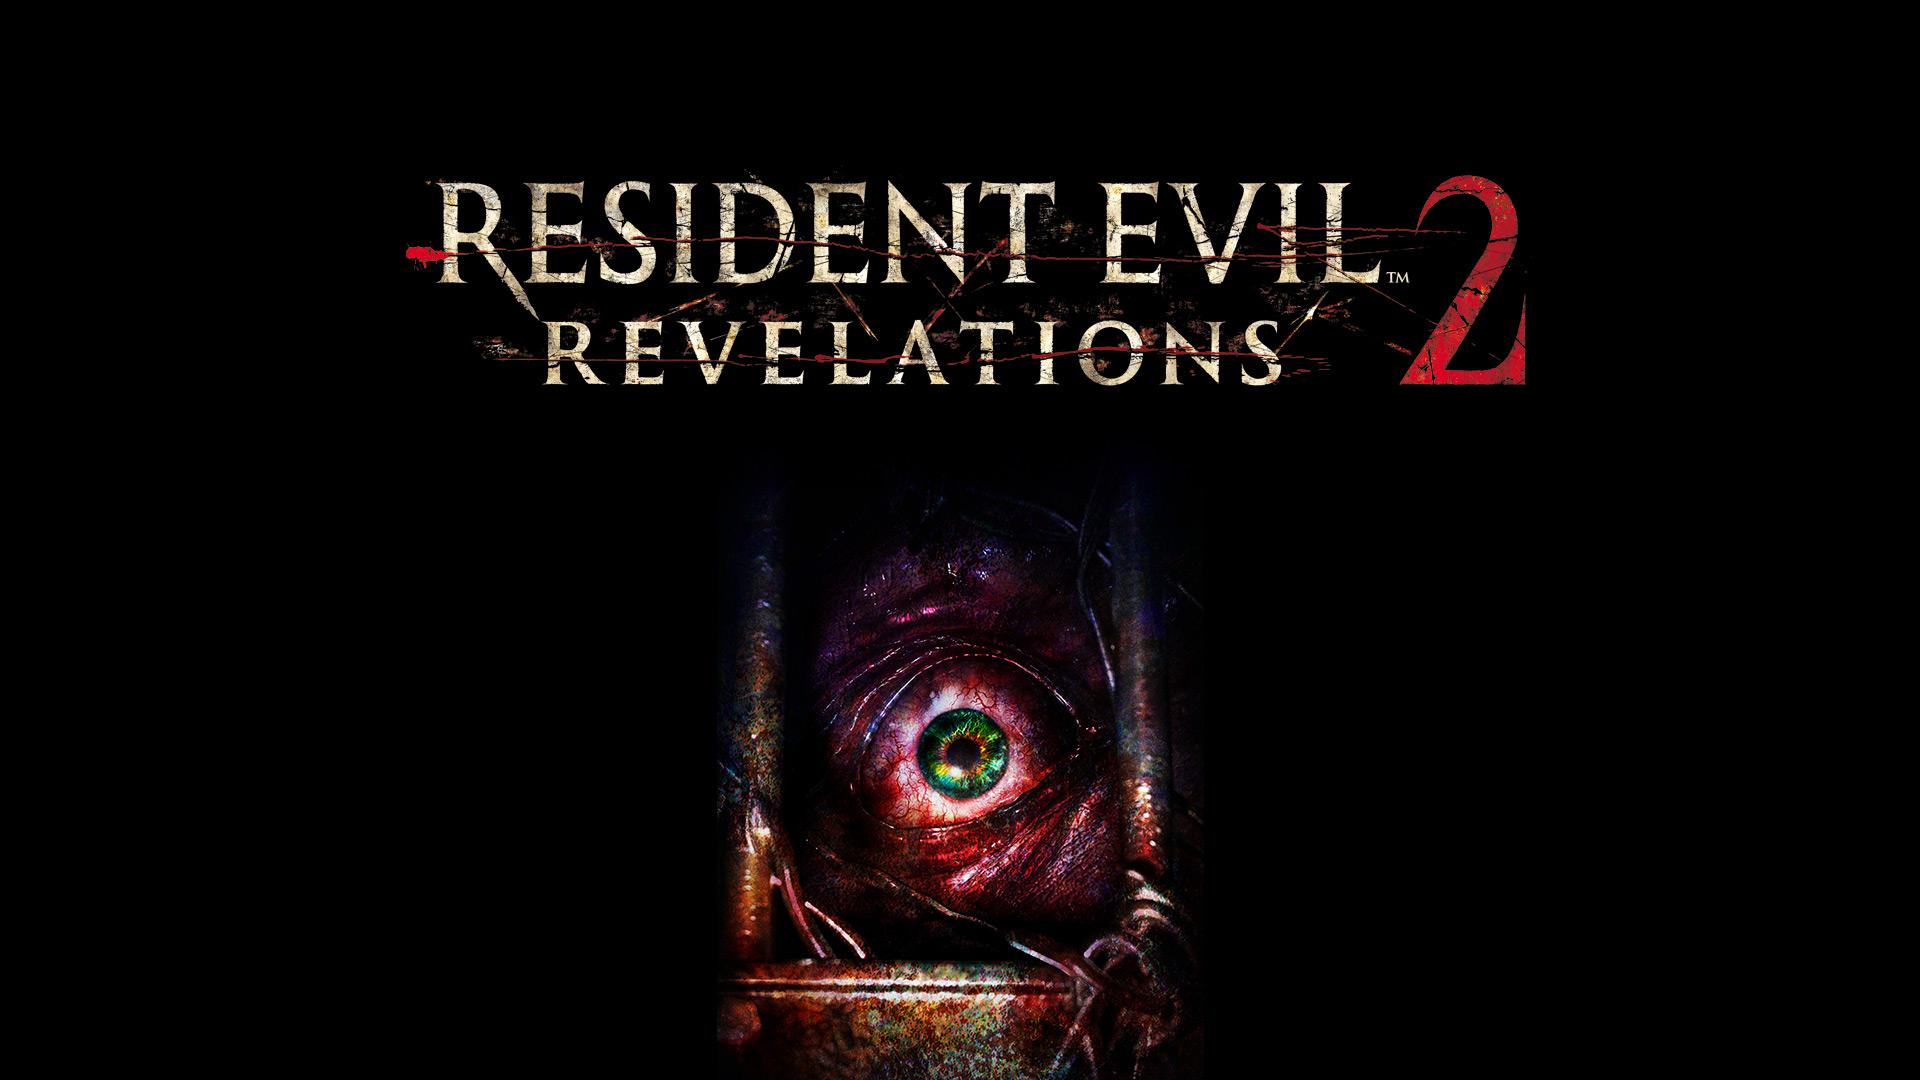 Resident Evil Revelations Logo Hd 1975056 Hd Wallpaper